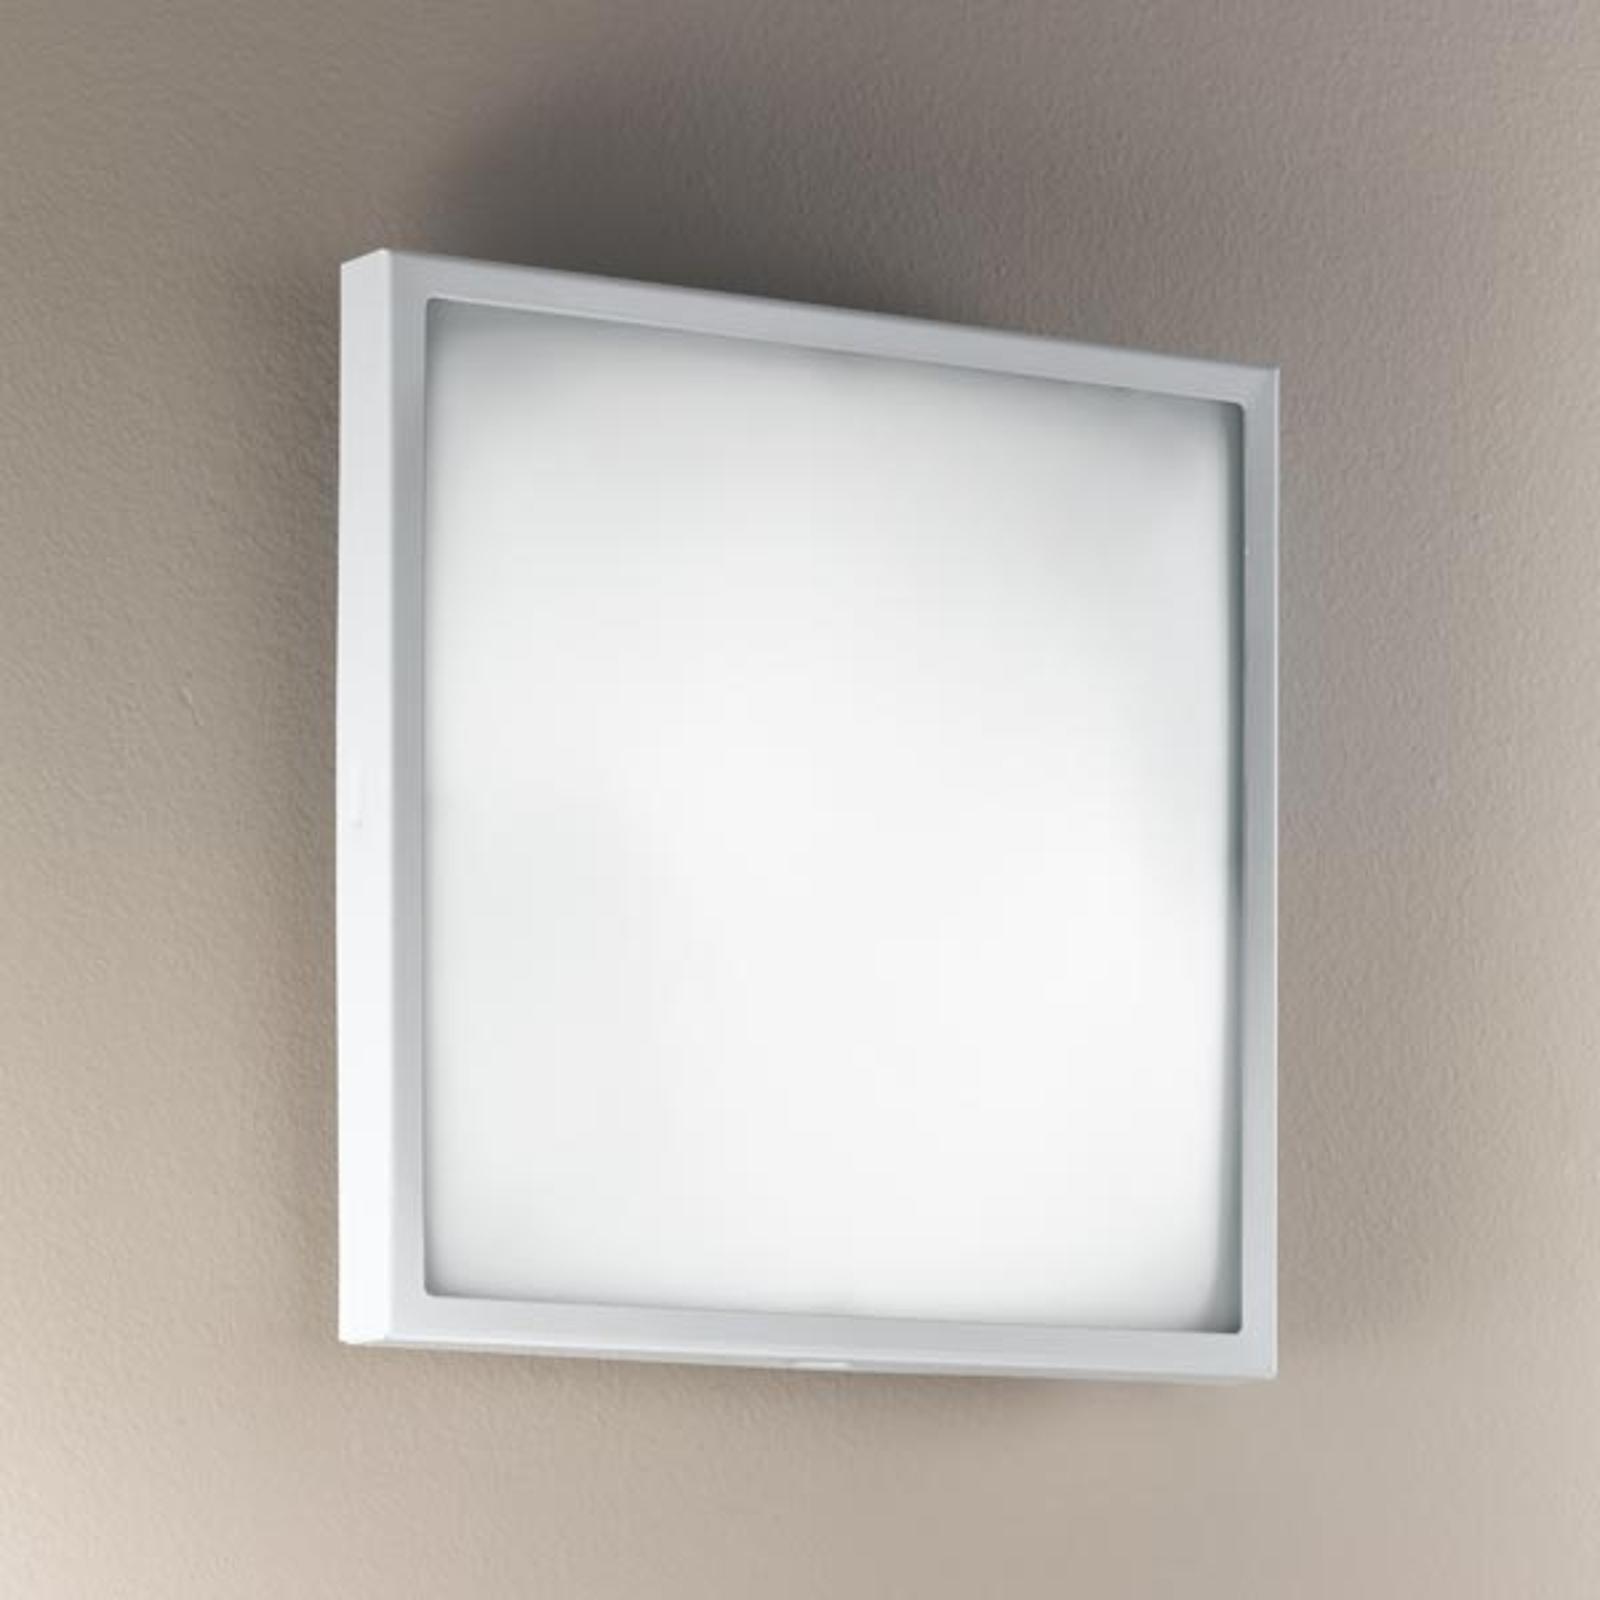 Plafoniera/applique di vetro OSAKA 30 bianco